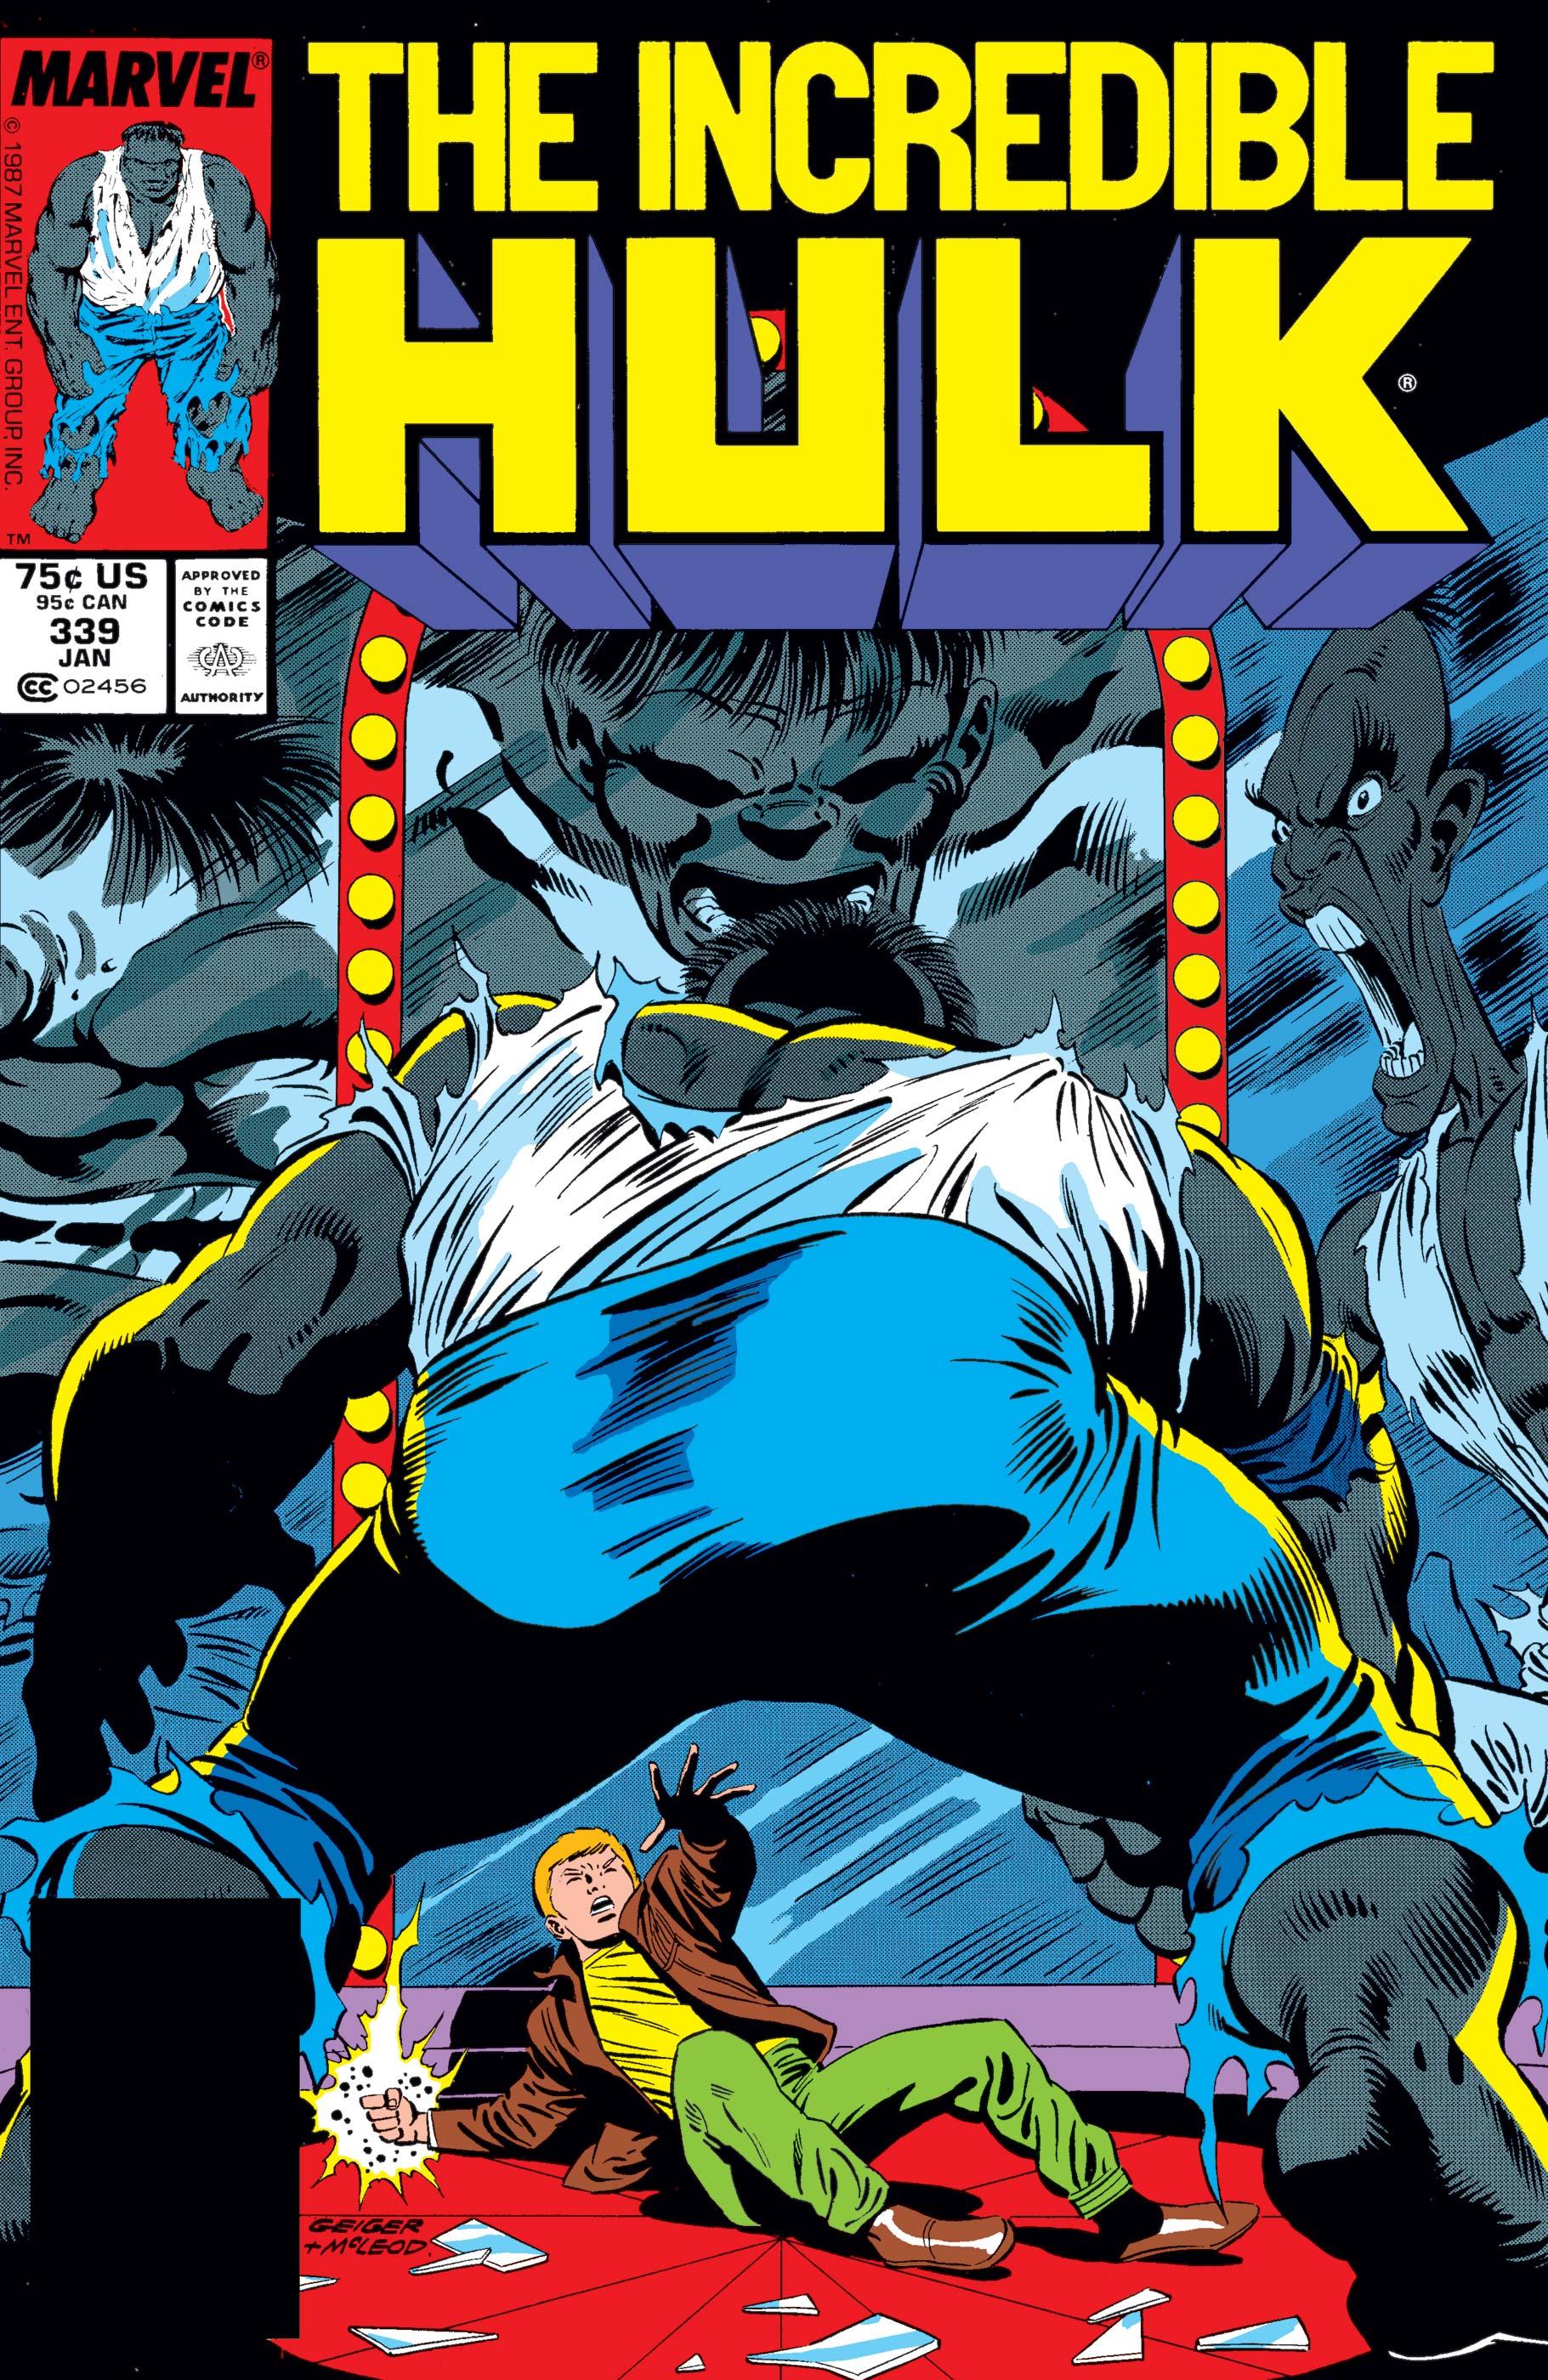 Incredible Hulk (1962) #339